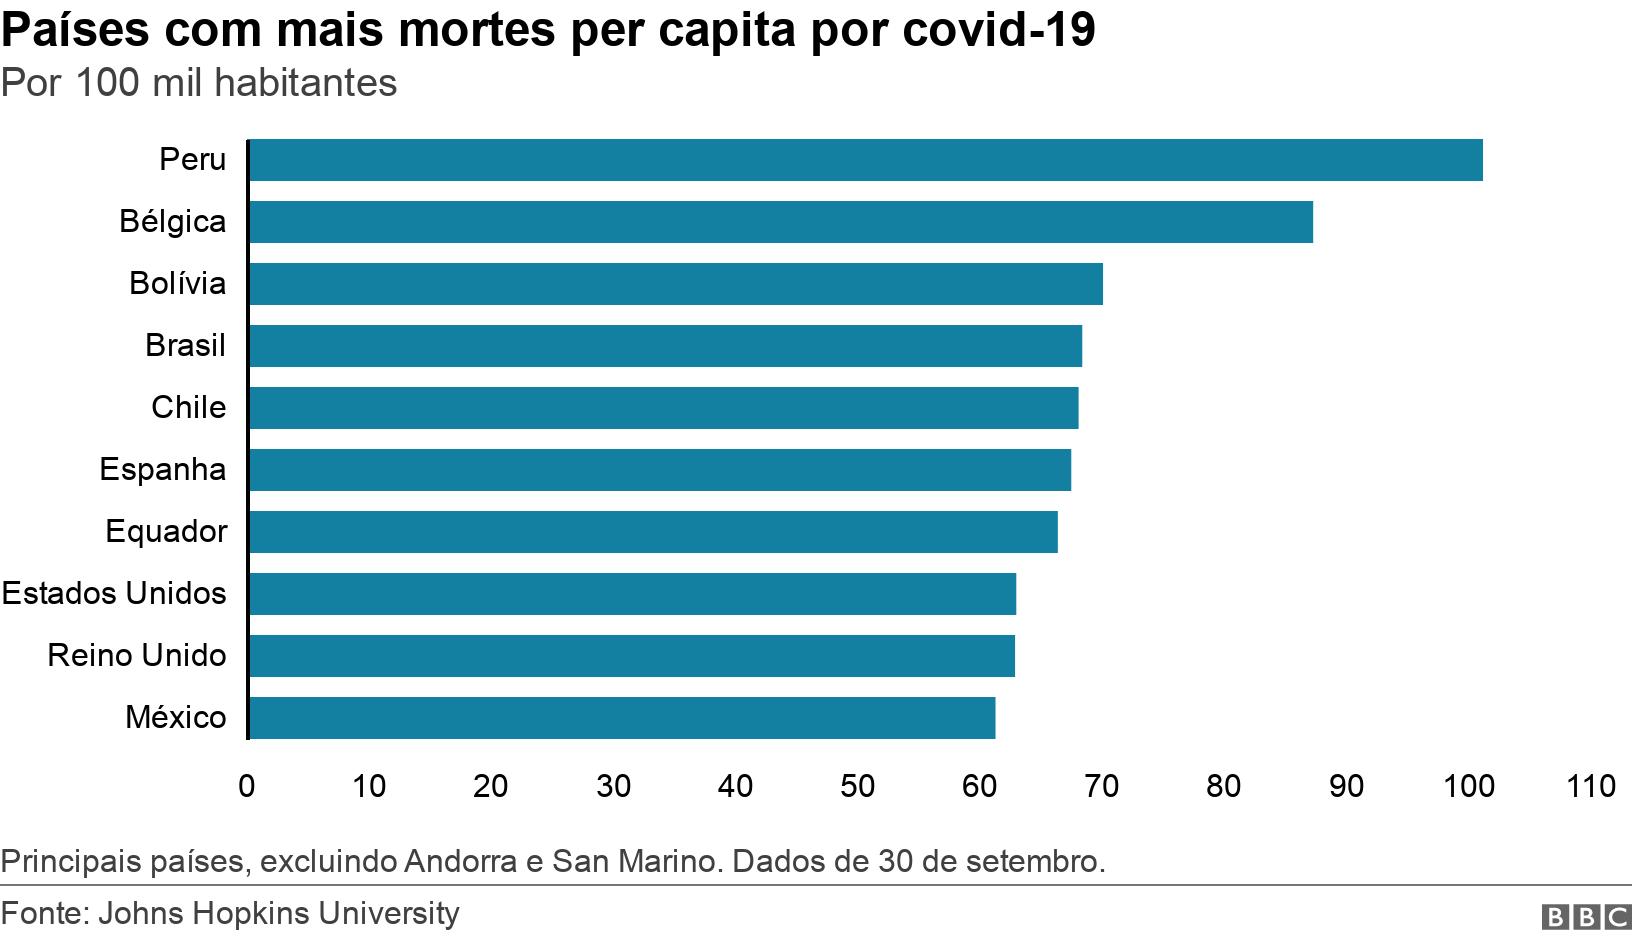 Países com mais mortes per capita por covid-19. Por 100 mil habitantes. Principais países, excluindo Andorra e San Marino. Dados de 30 de setembro..